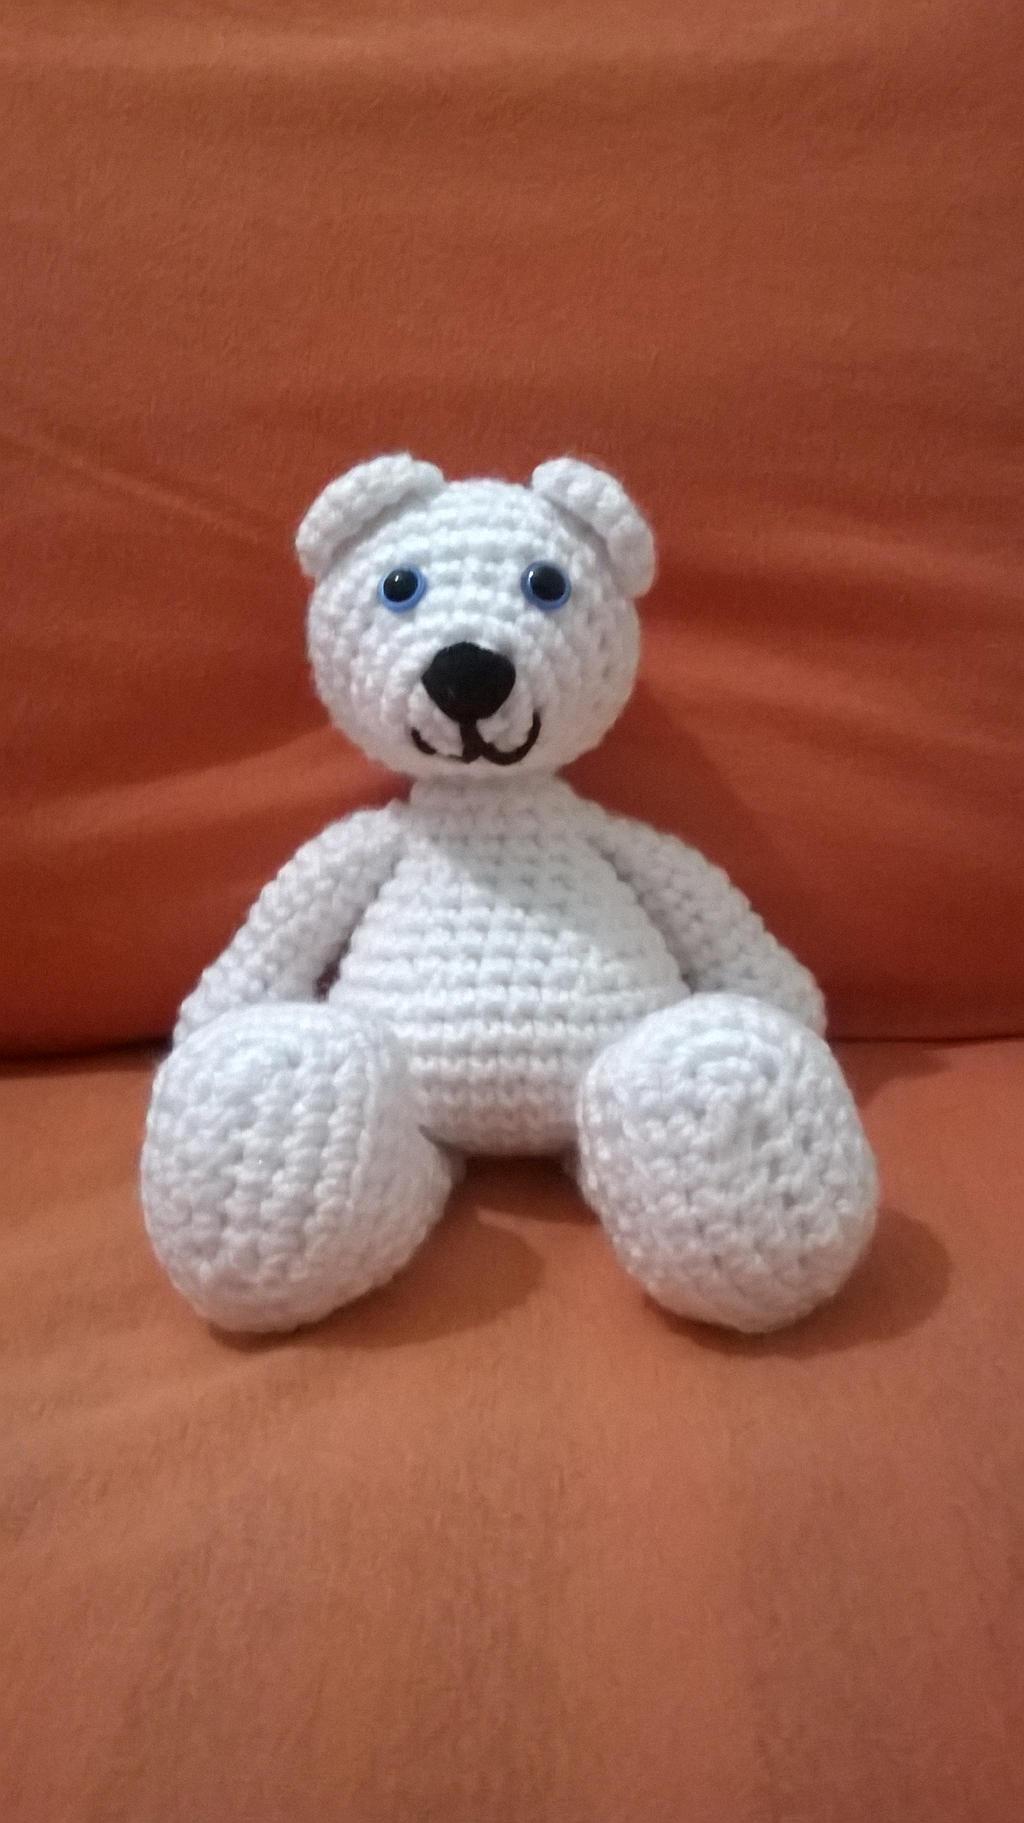 White Teddy Bear by KiYtZiA